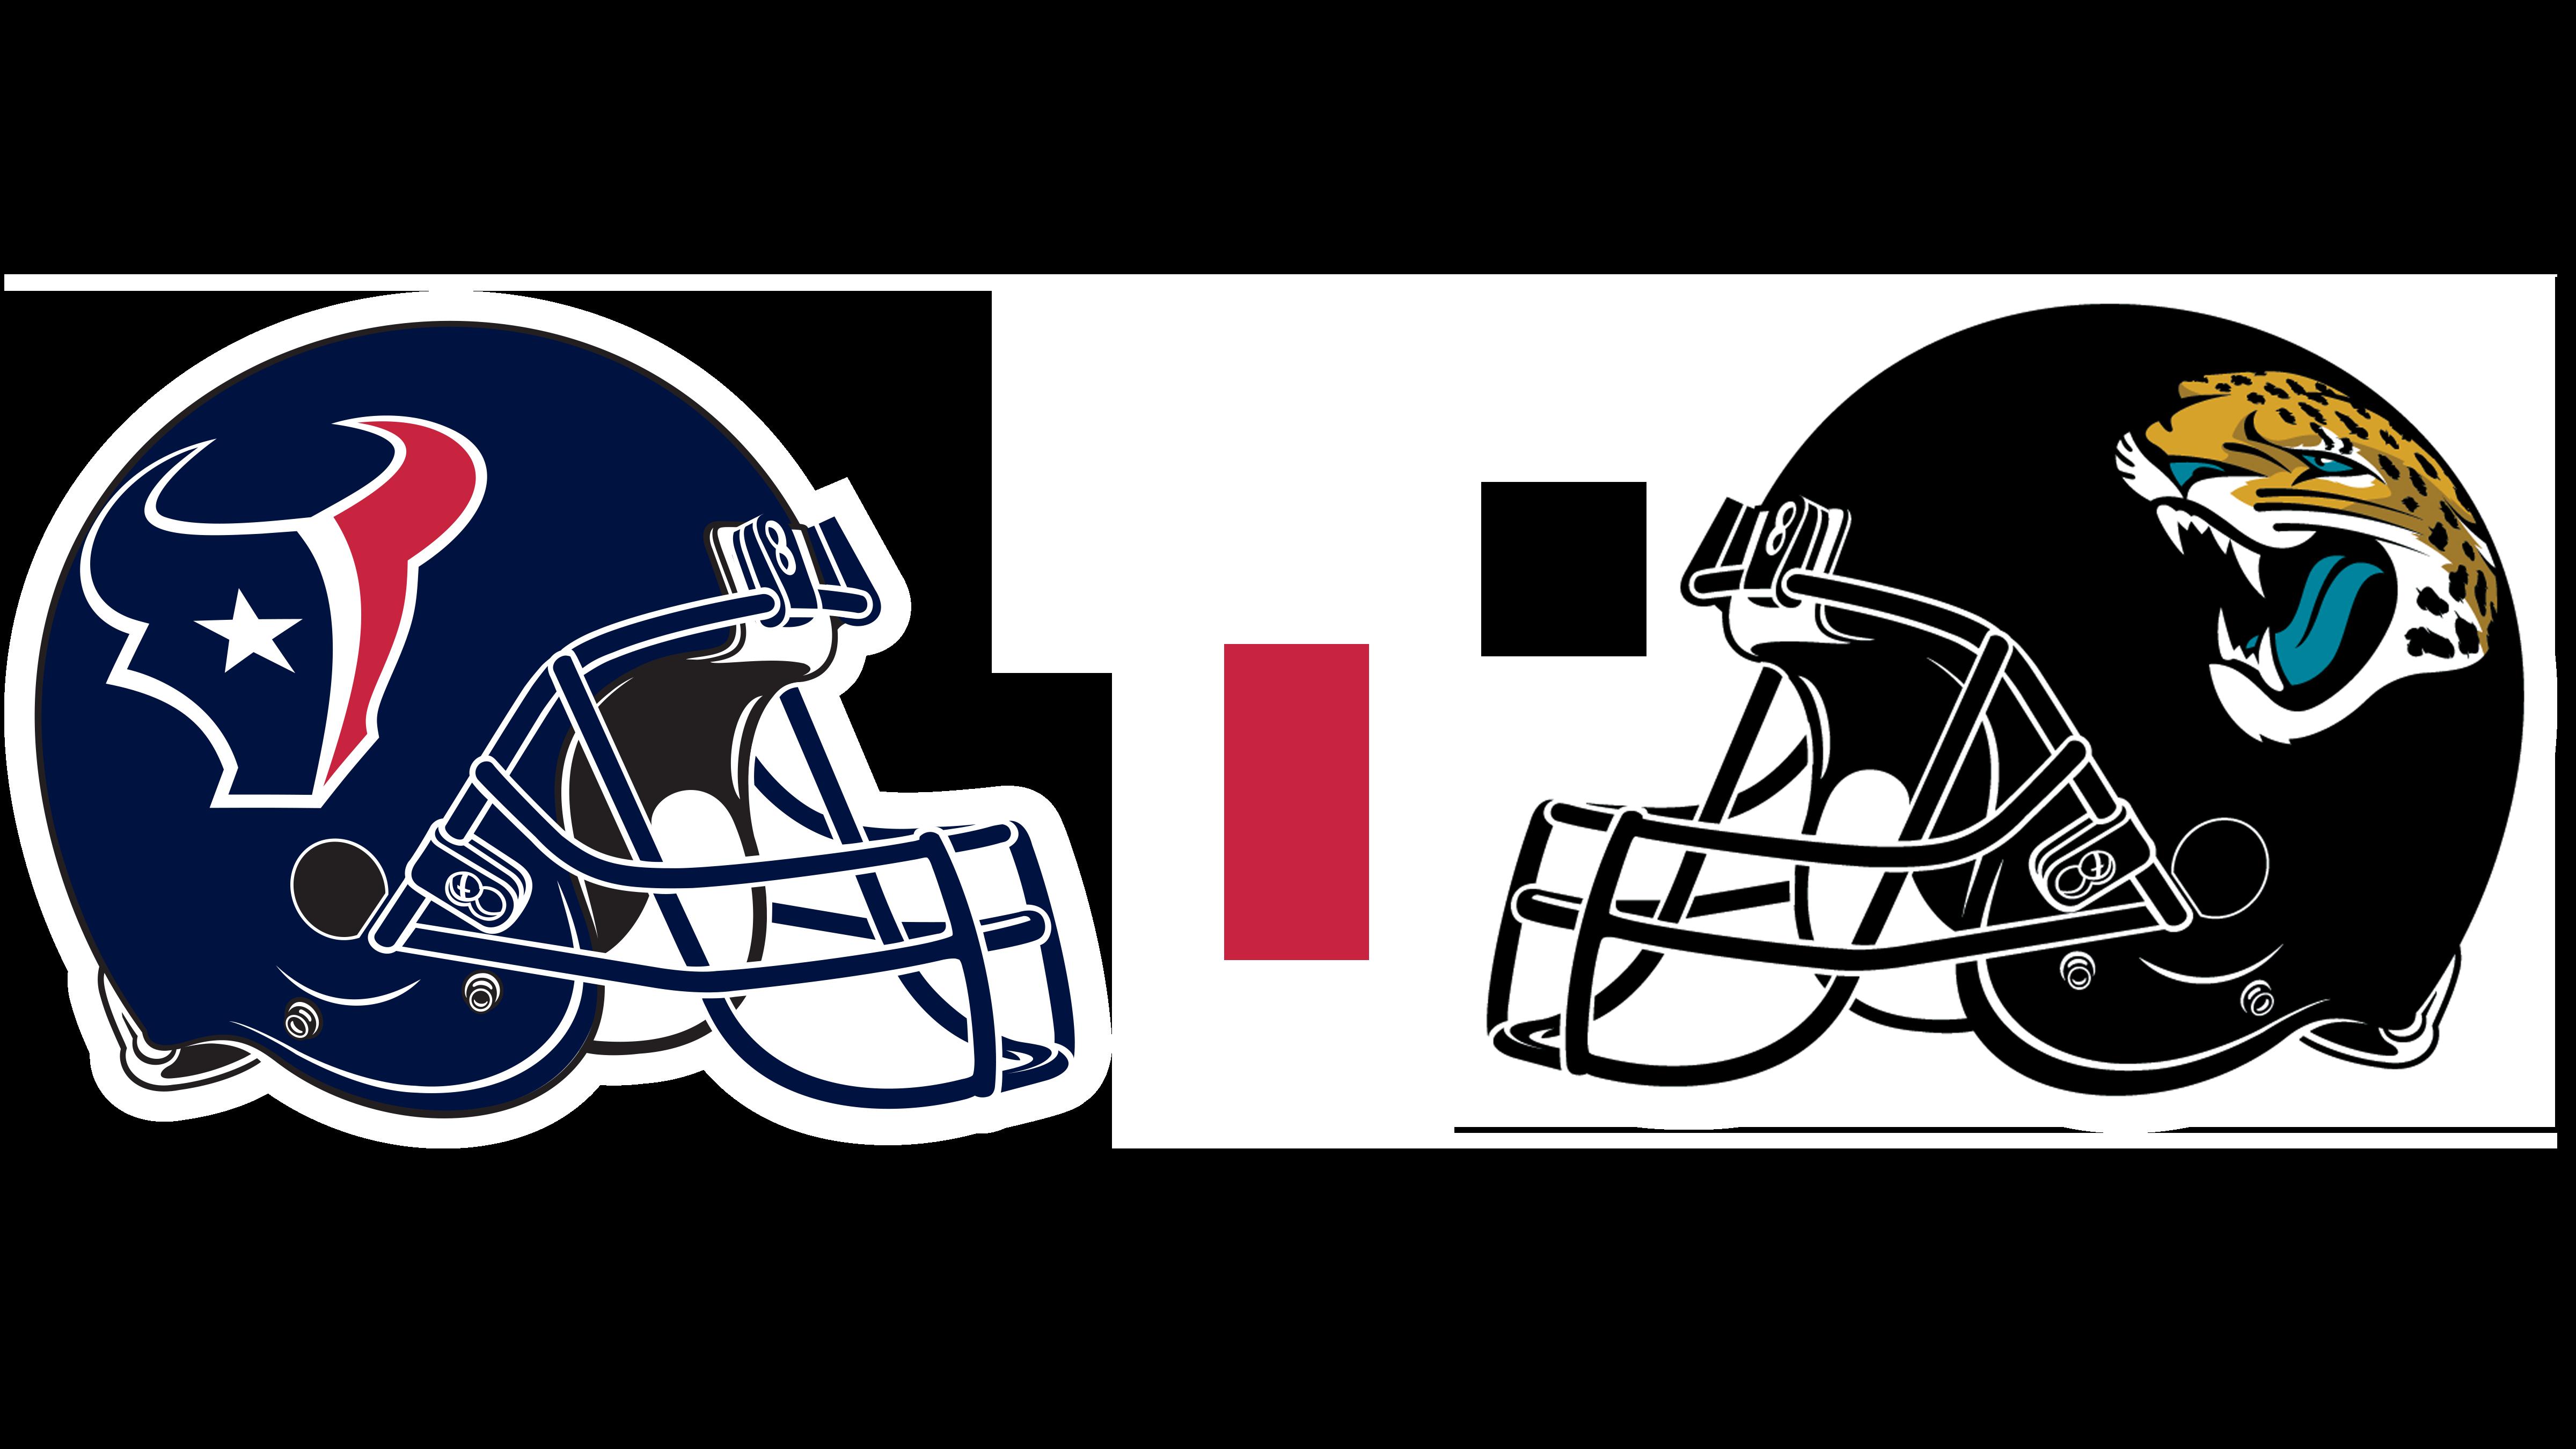 Houston Texans helmet and Jacksonville Jaguars helmet